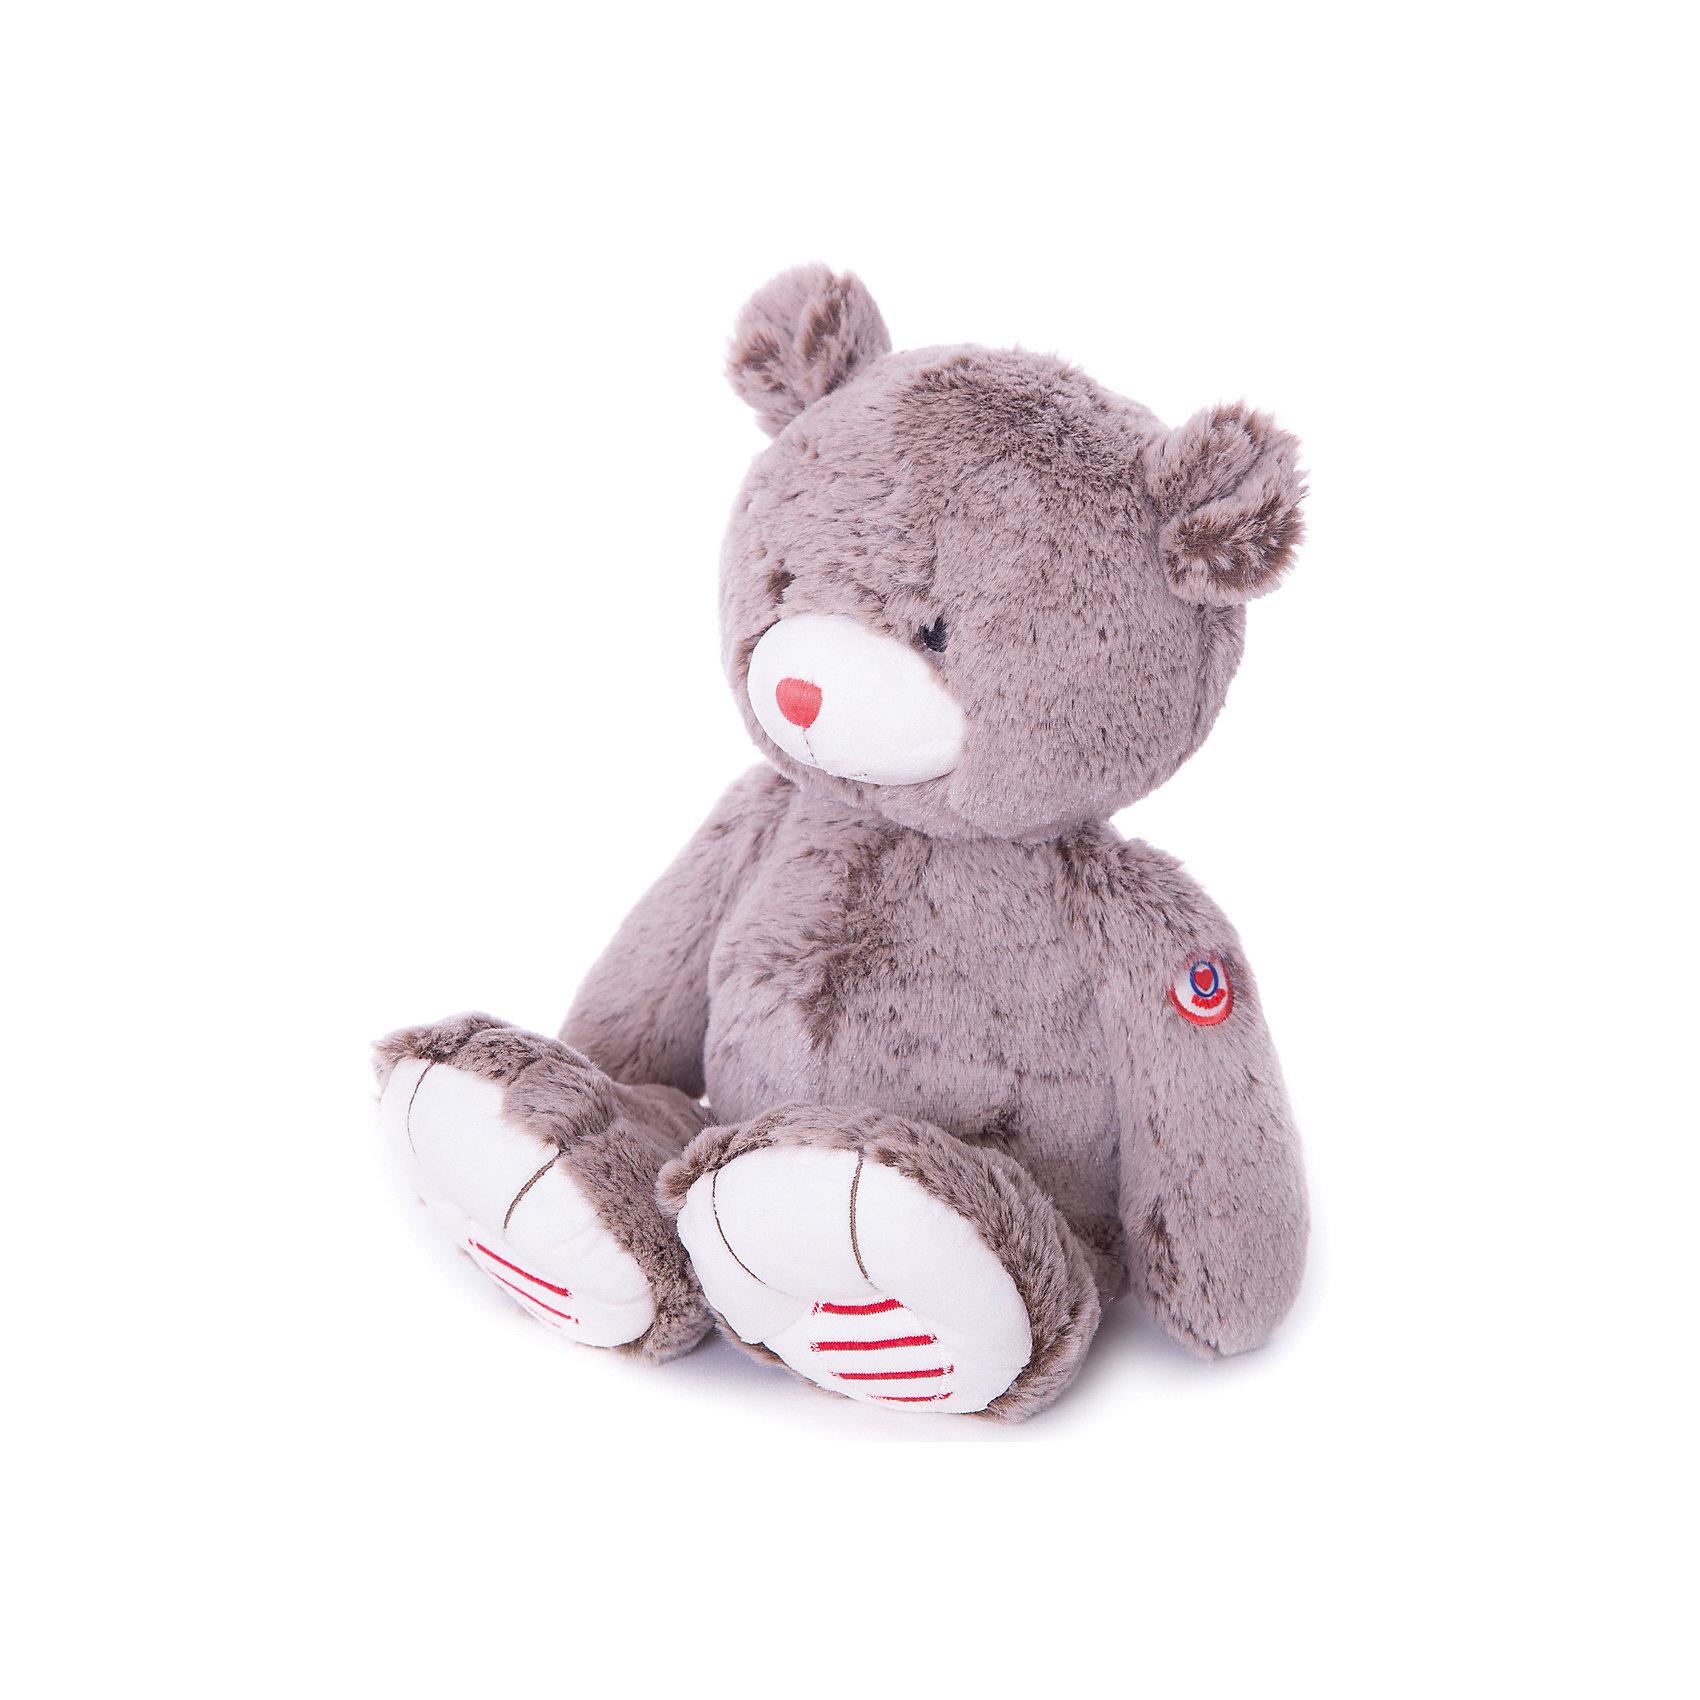 Мишка большой шоколадный, коллекция Руж, KalooМедвежата<br>Игрушка Kaloo, выполненная в виде милого медвежонка коричневого цвета, вызовет умиление и улыбку у любого ребенка. <br>Носик медведя красного цвета, а лапки декорированы красно-белыми полосочками, высококачественный плюш, из которого изготовлена игрушка, приятен на ощупь и износостоек.<br><br>Дополнительная информация:<br><br>-Материал: ткань, искусственный мех<br>-Высота игрушки: 38 см<br><br>Большого шоколадного мишку, коллекции Руж, Kaloo можно купить в нашем интернет-магазине.<br><br>Ширина мм: 130<br>Глубина мм: 170<br>Высота мм: 380<br>Вес г: 400<br>Возраст от месяцев: 0<br>Возраст до месяцев: 1188<br>Пол: Унисекс<br>Возраст: Детский<br>SKU: 4862343